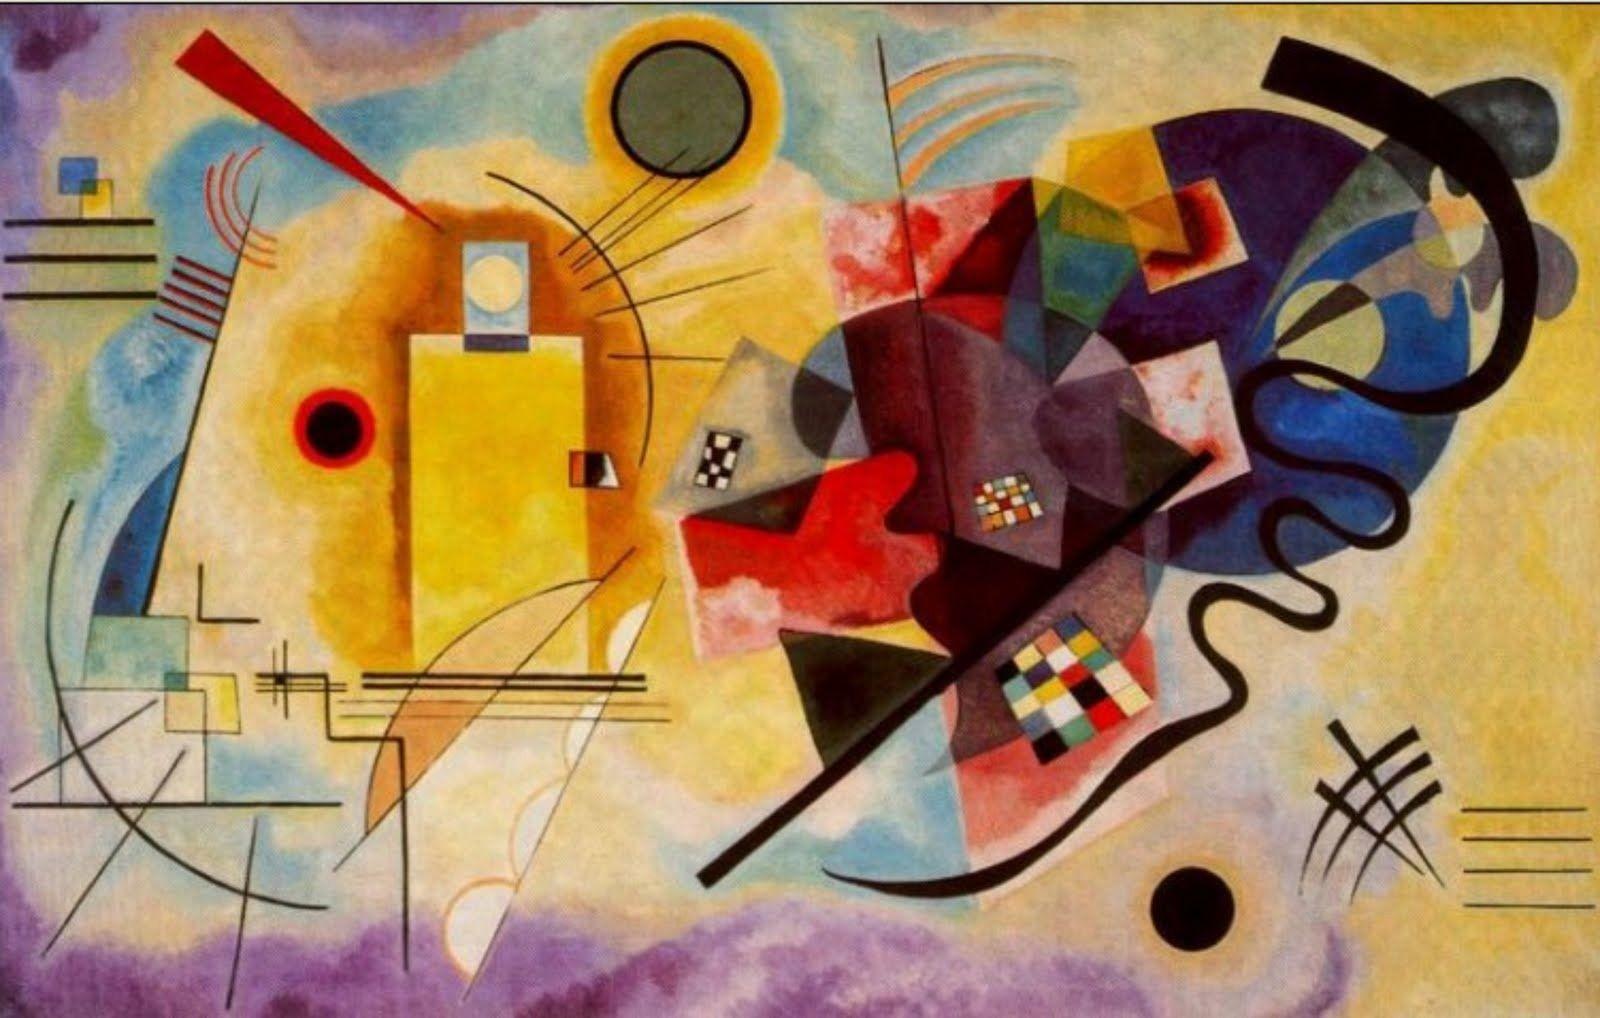 """WASSILY KANDINSKY (1866-1944) – Aunque el título de """"padre de la abstracción"""" ha sido asignado a múltiples artistas, desde Turner hasta Picasso, pocos pintores podrían reclamarlo con tanta justicia como Kandinsky. Muchos artistas han conseguido emocionar, pero muy pocos han logrado, además, cambiar nuestra manera de entender el Arte. Wassily Kandinsky pertenece a estos últimos"""